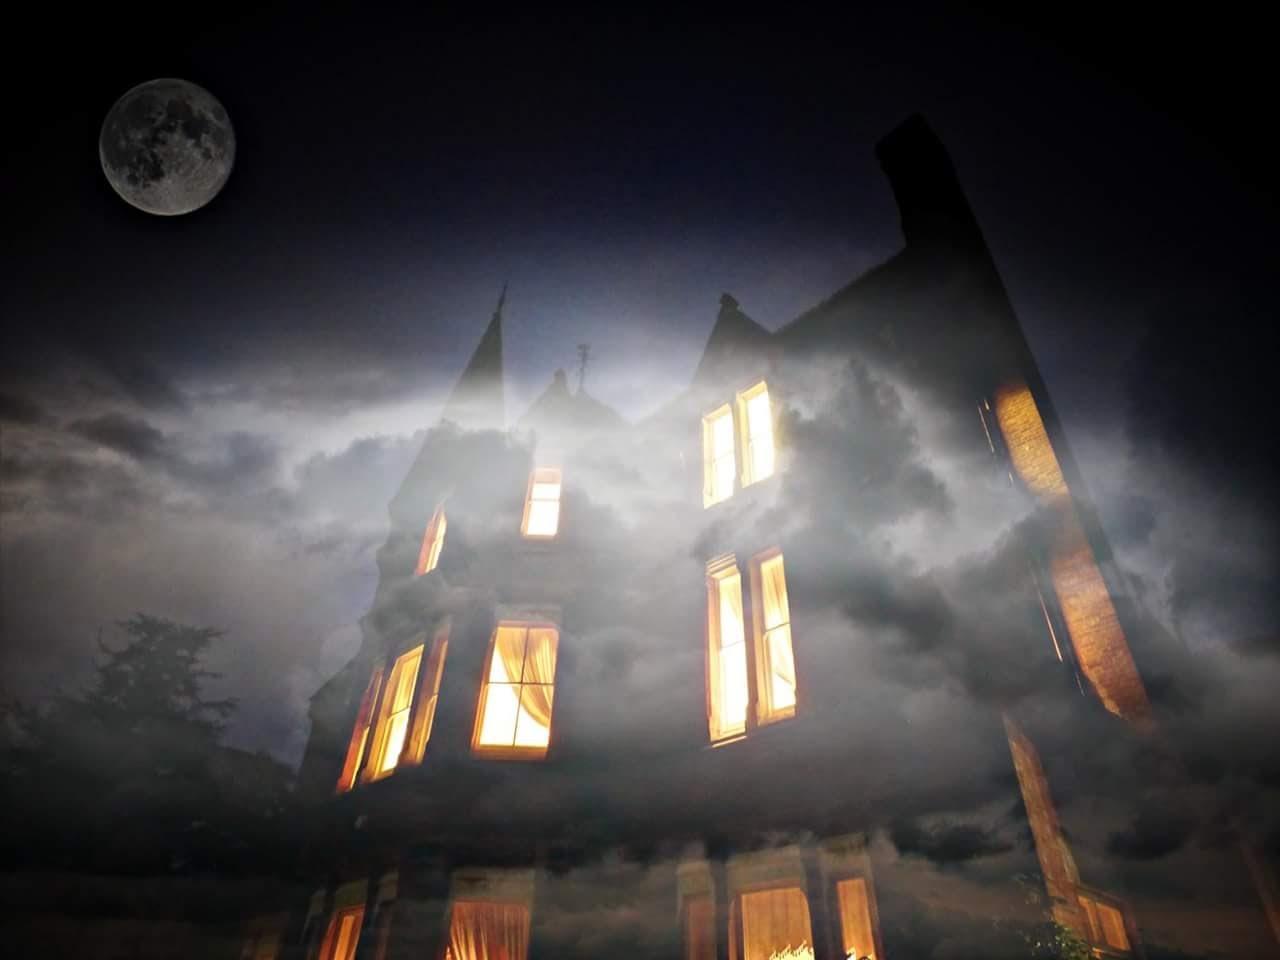 Foggy House by Steven Iodice